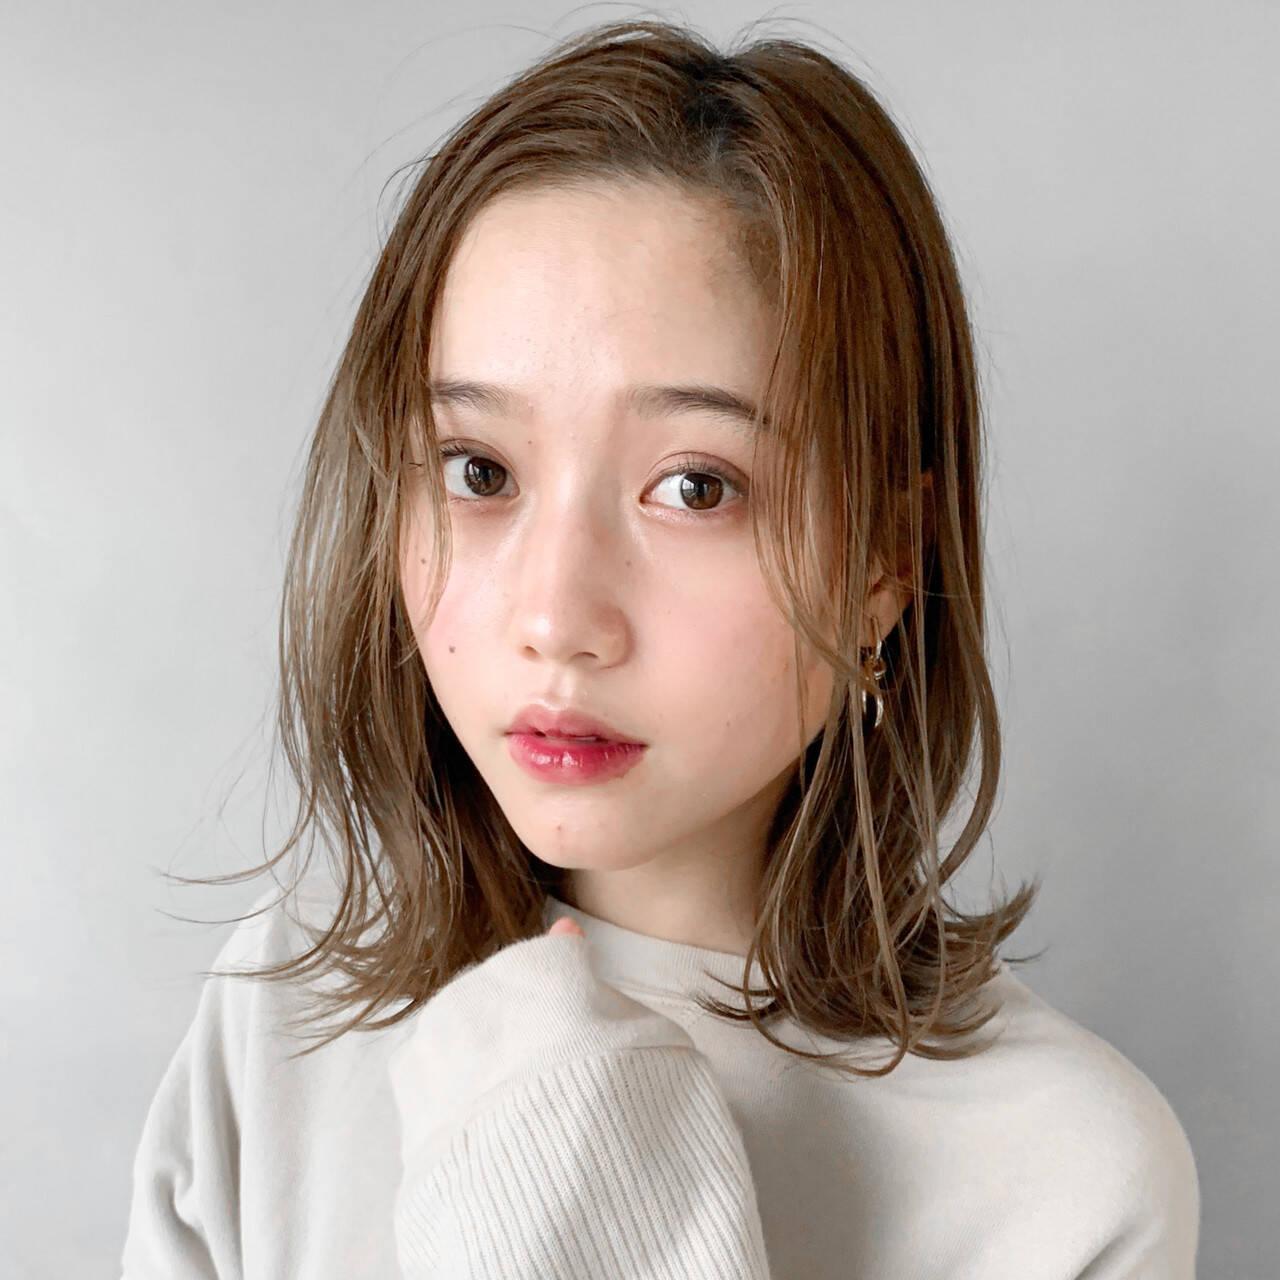 インナーカラーホワイト ゆるふわセット アンニュイほつれヘア 小顔ショートヘアスタイルや髪型の写真・画像